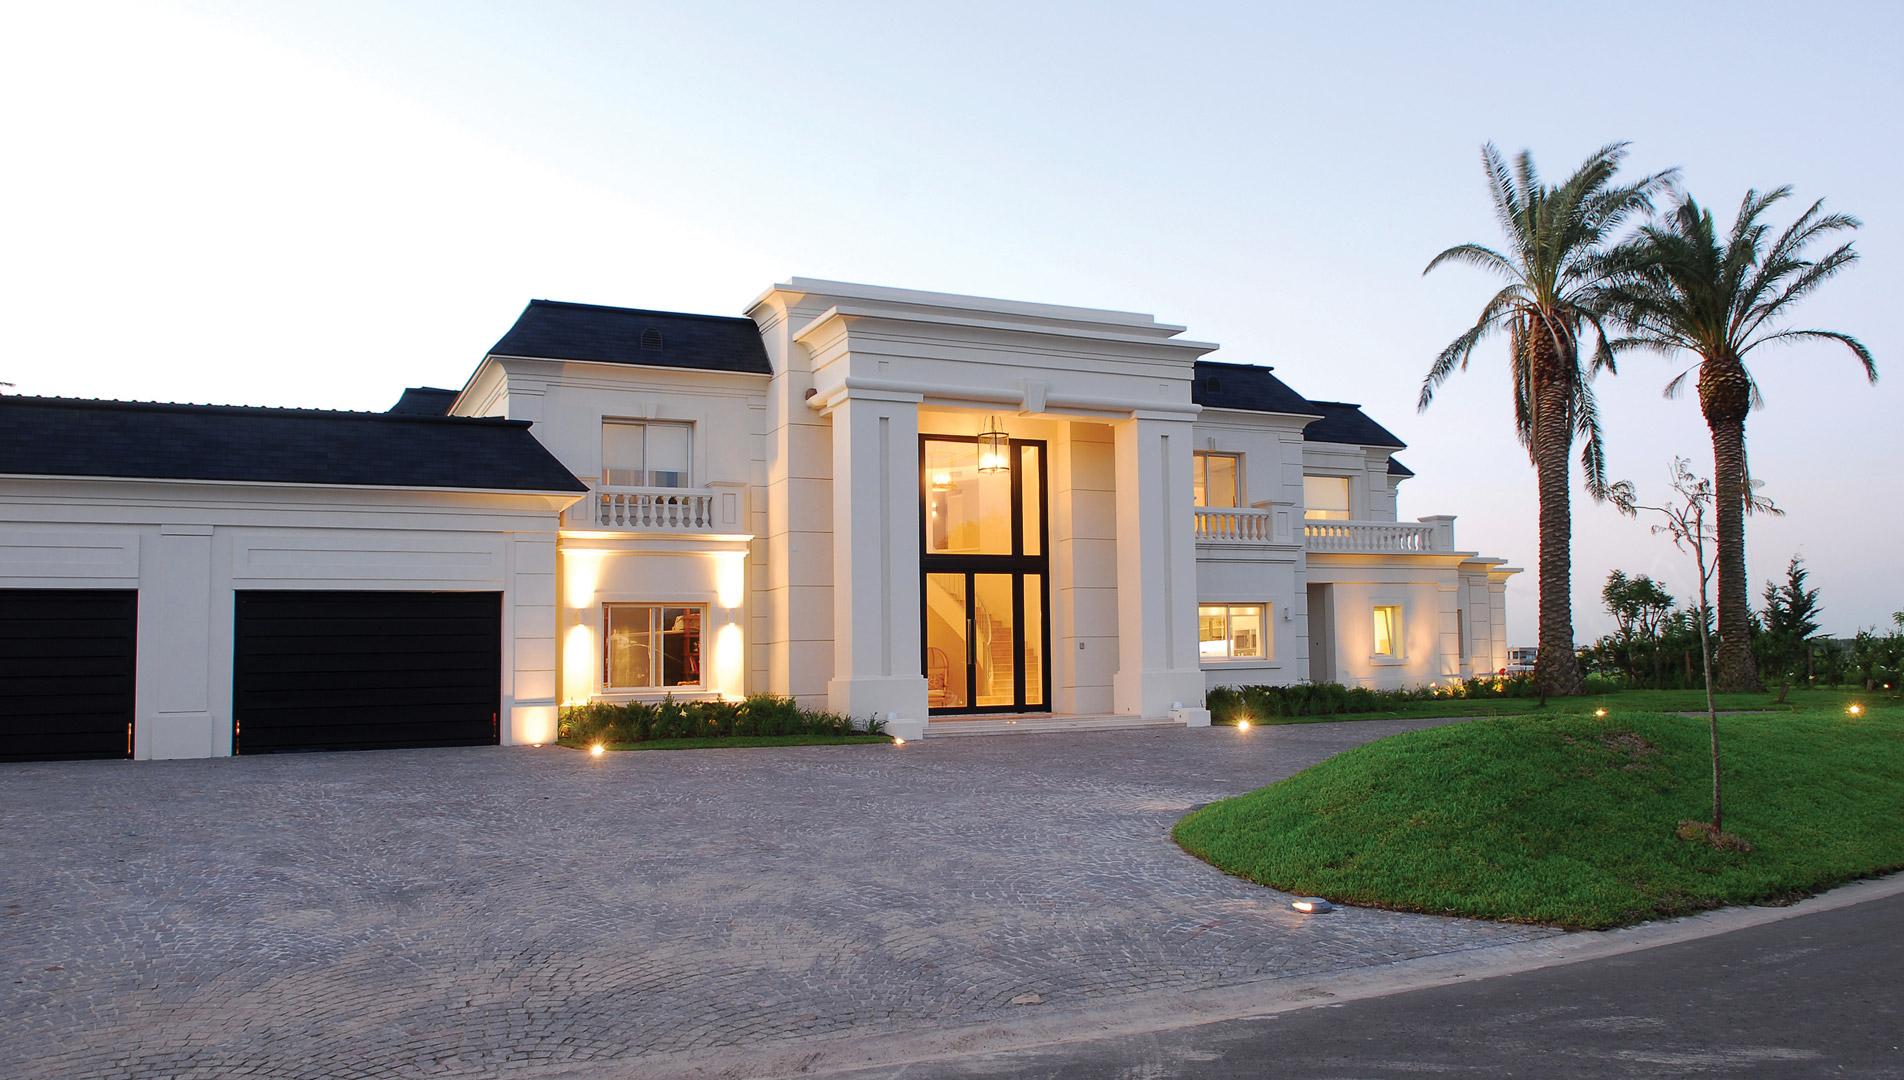 Apa arquitectura casa estilo cl sico franc s for Casas estilo clasico moderno